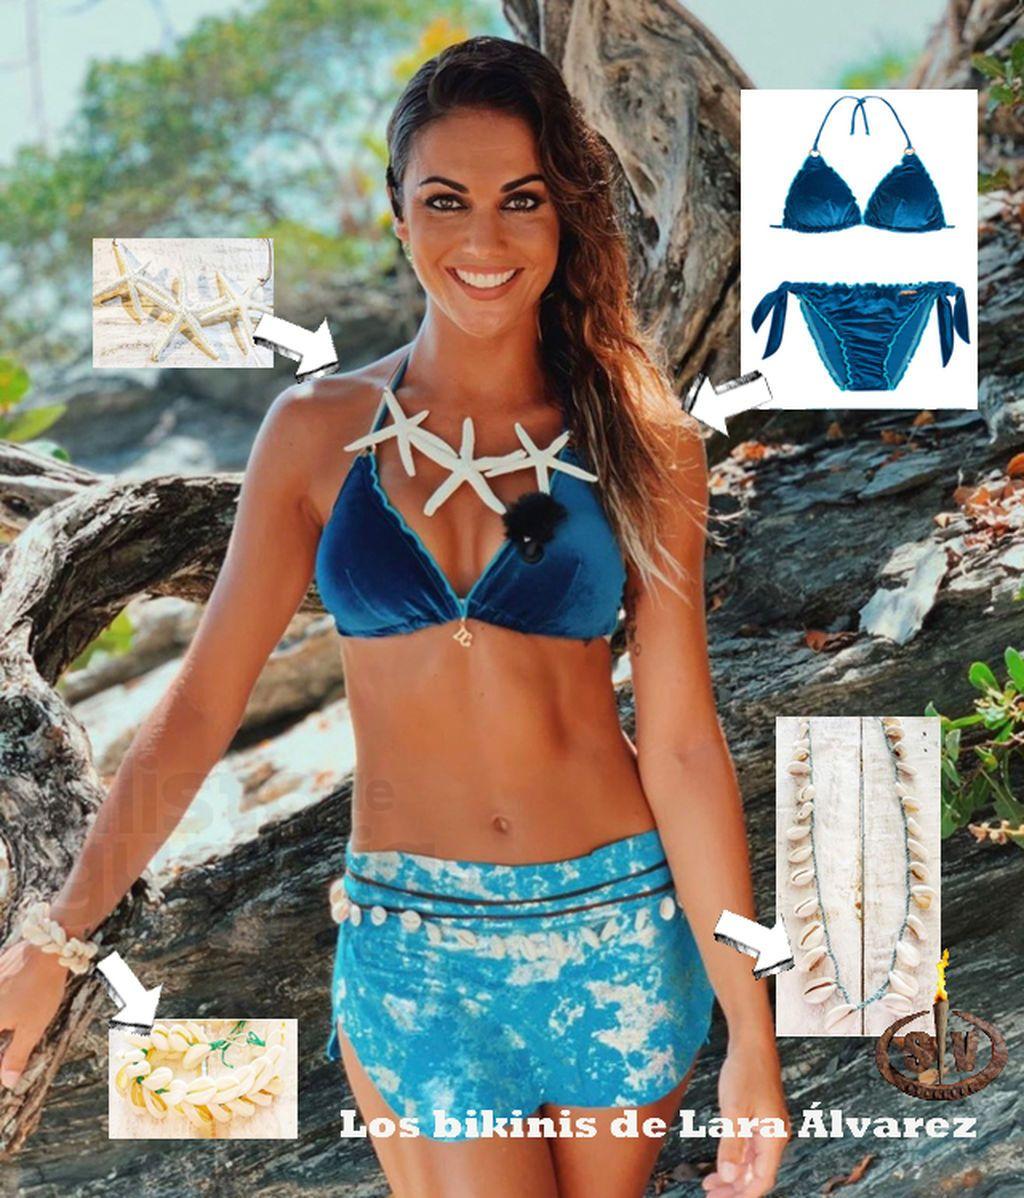 Los bikinis de Lara Álvarez (Segunda parte)